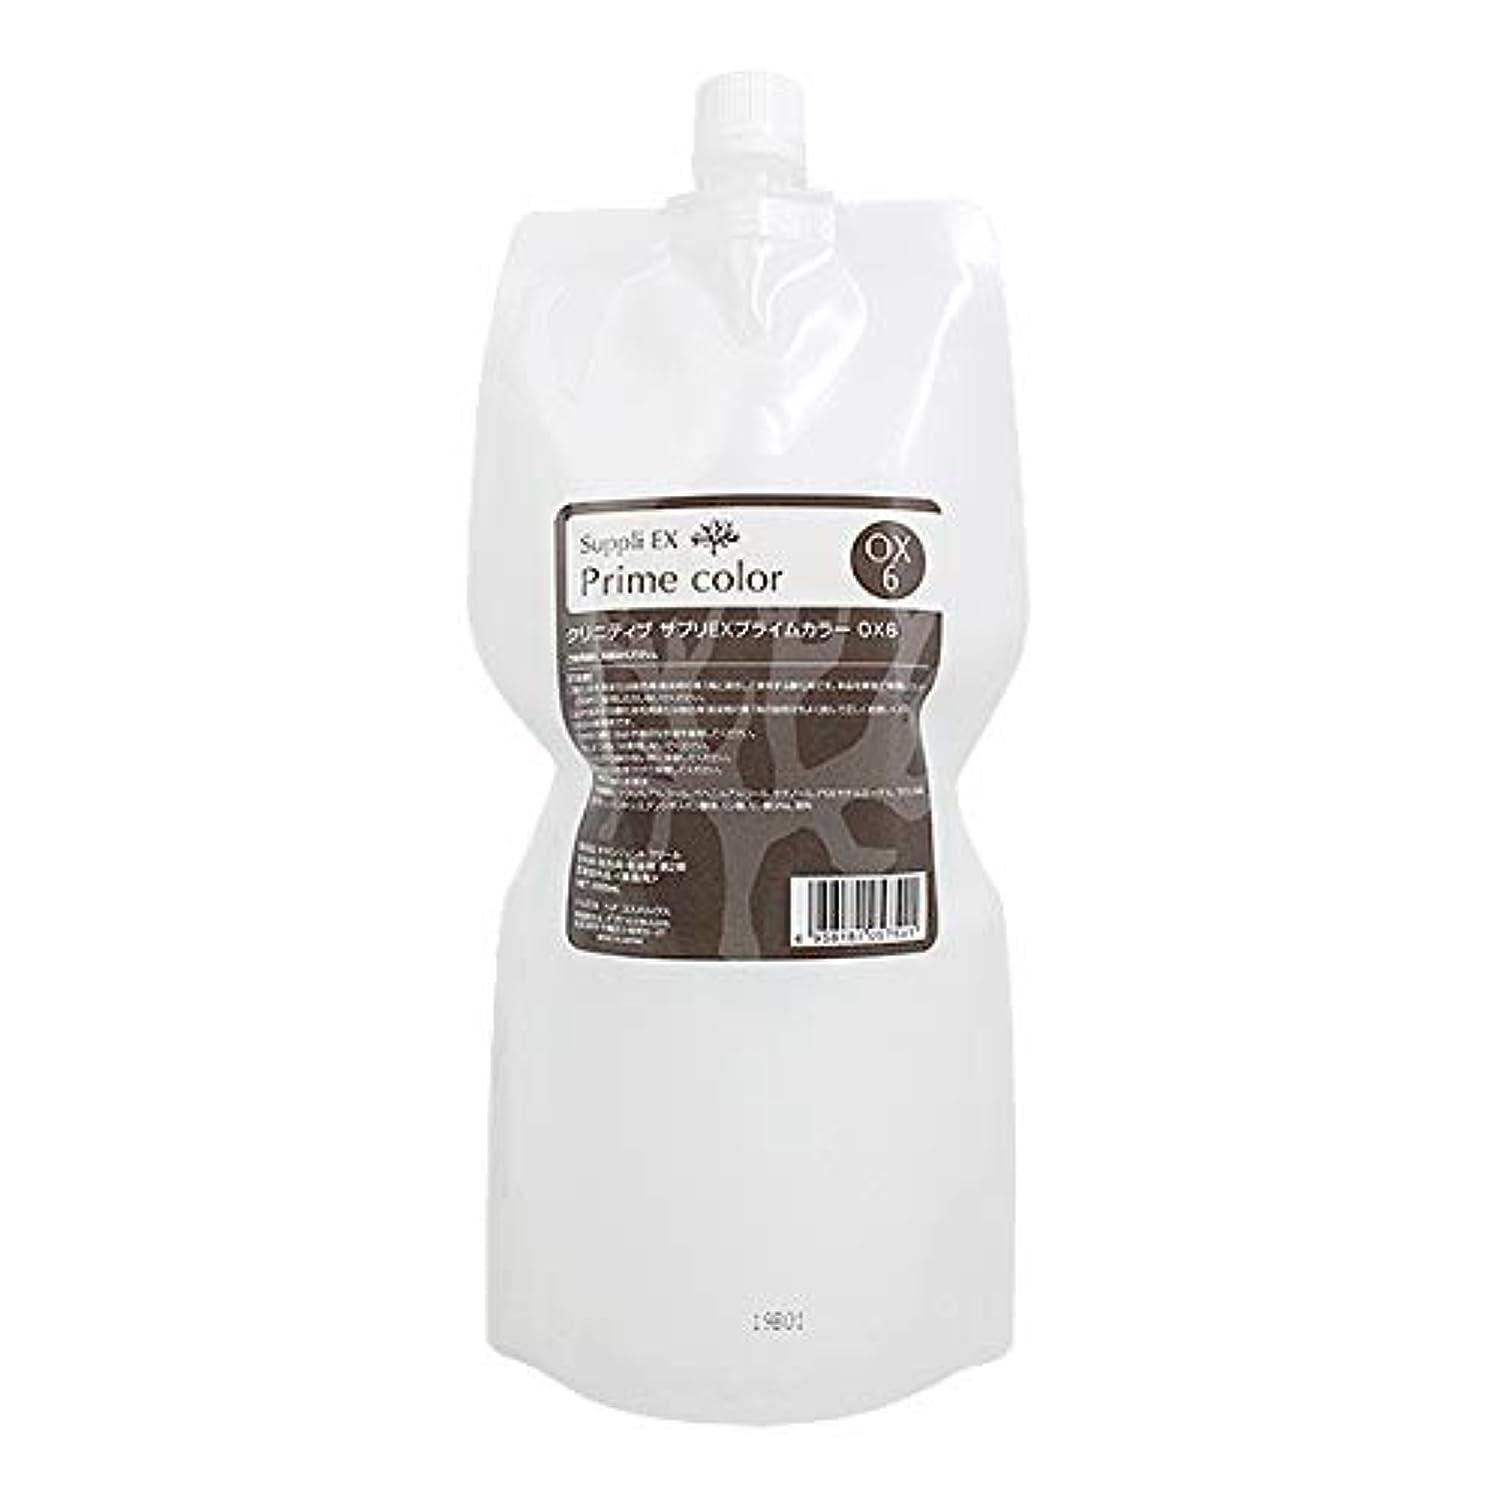 句ぼろダッシュイリヤ化学 クリニティブ サプリEXプライムカラー アテンド(染毛補助クリーム) 300g